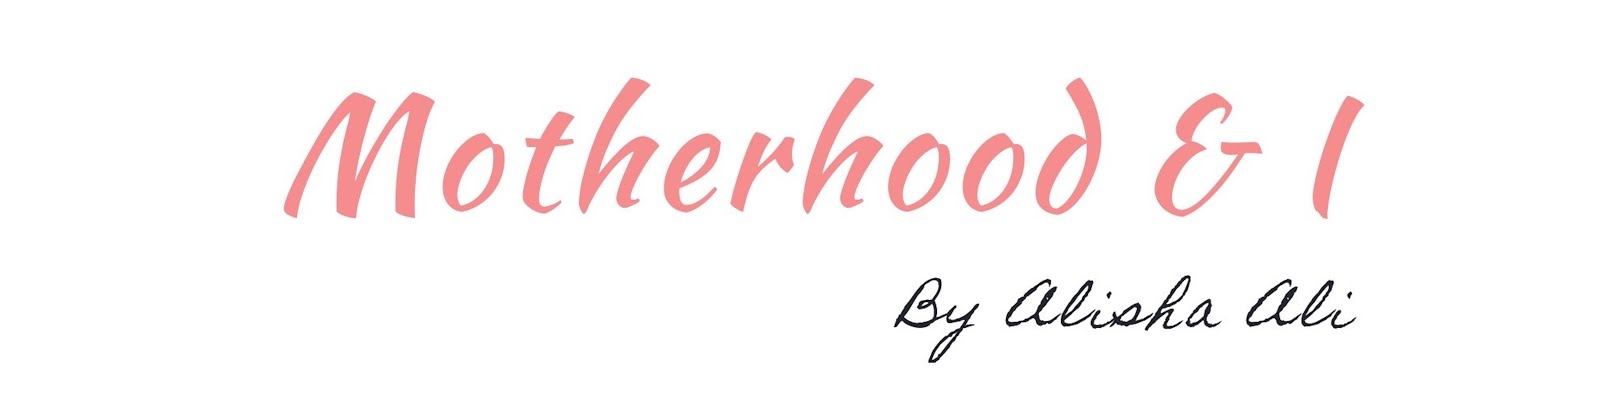 Motherhood and I